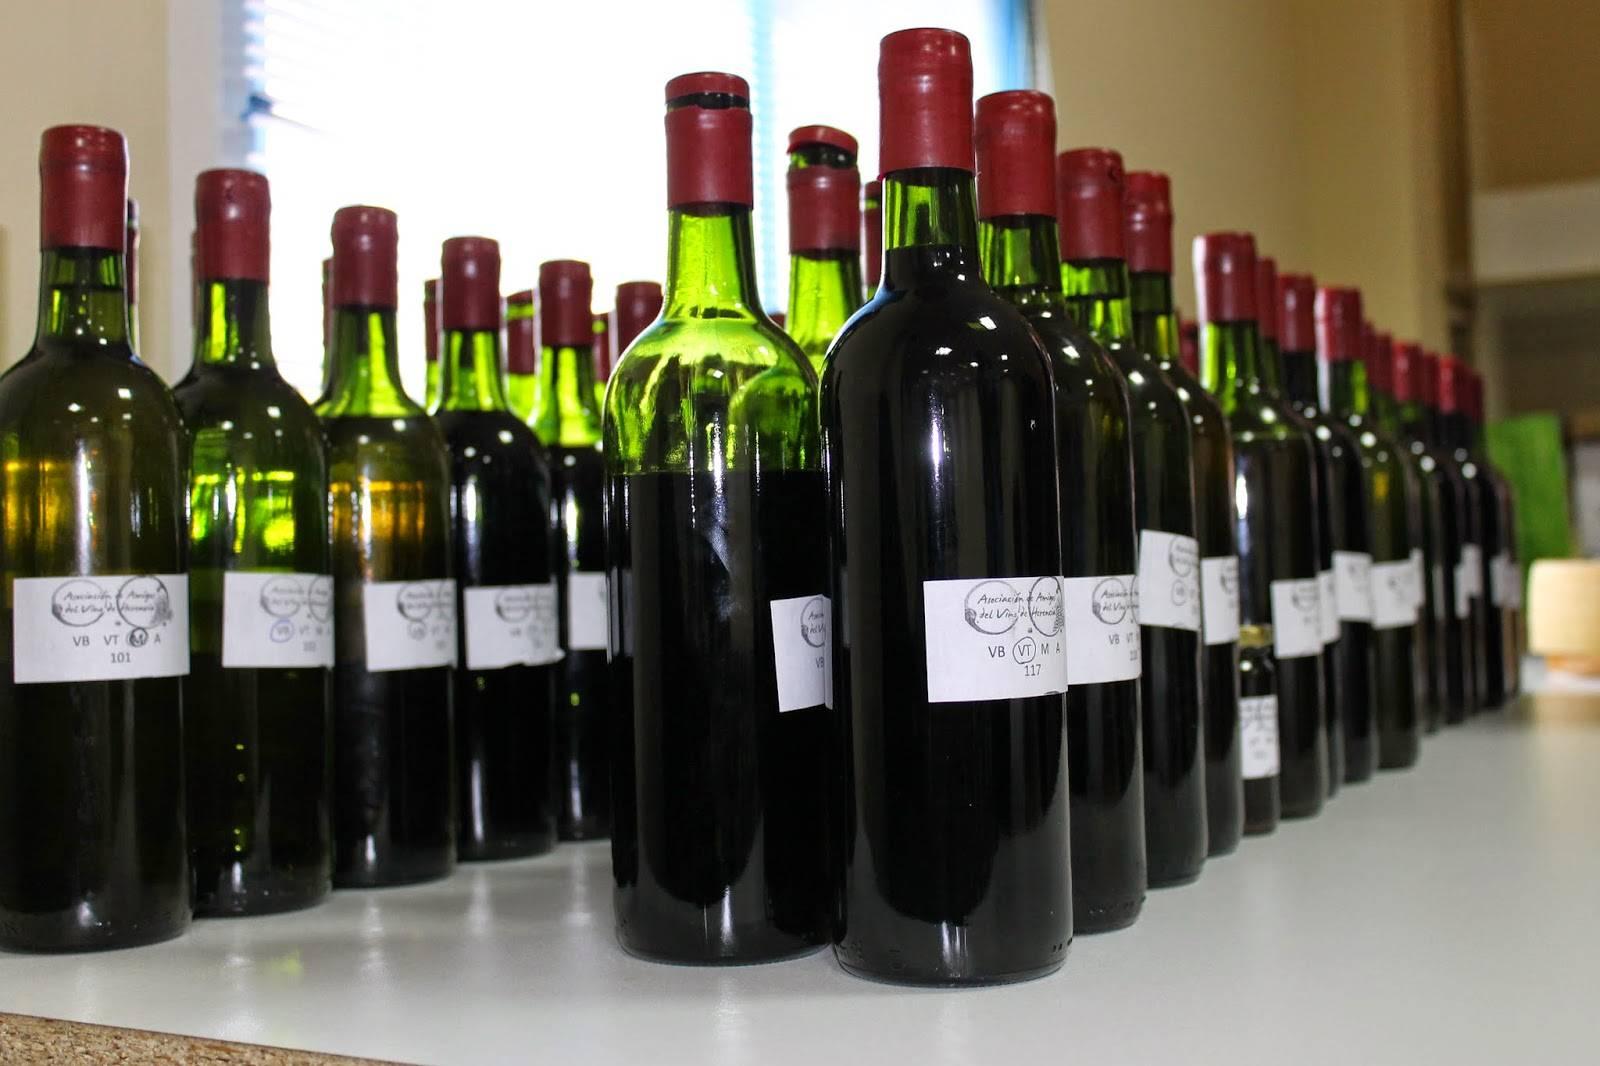 Muestras presentadas al concurso - Amigos del Vino convoca su IV concurso de vinos, mistelas y arropes